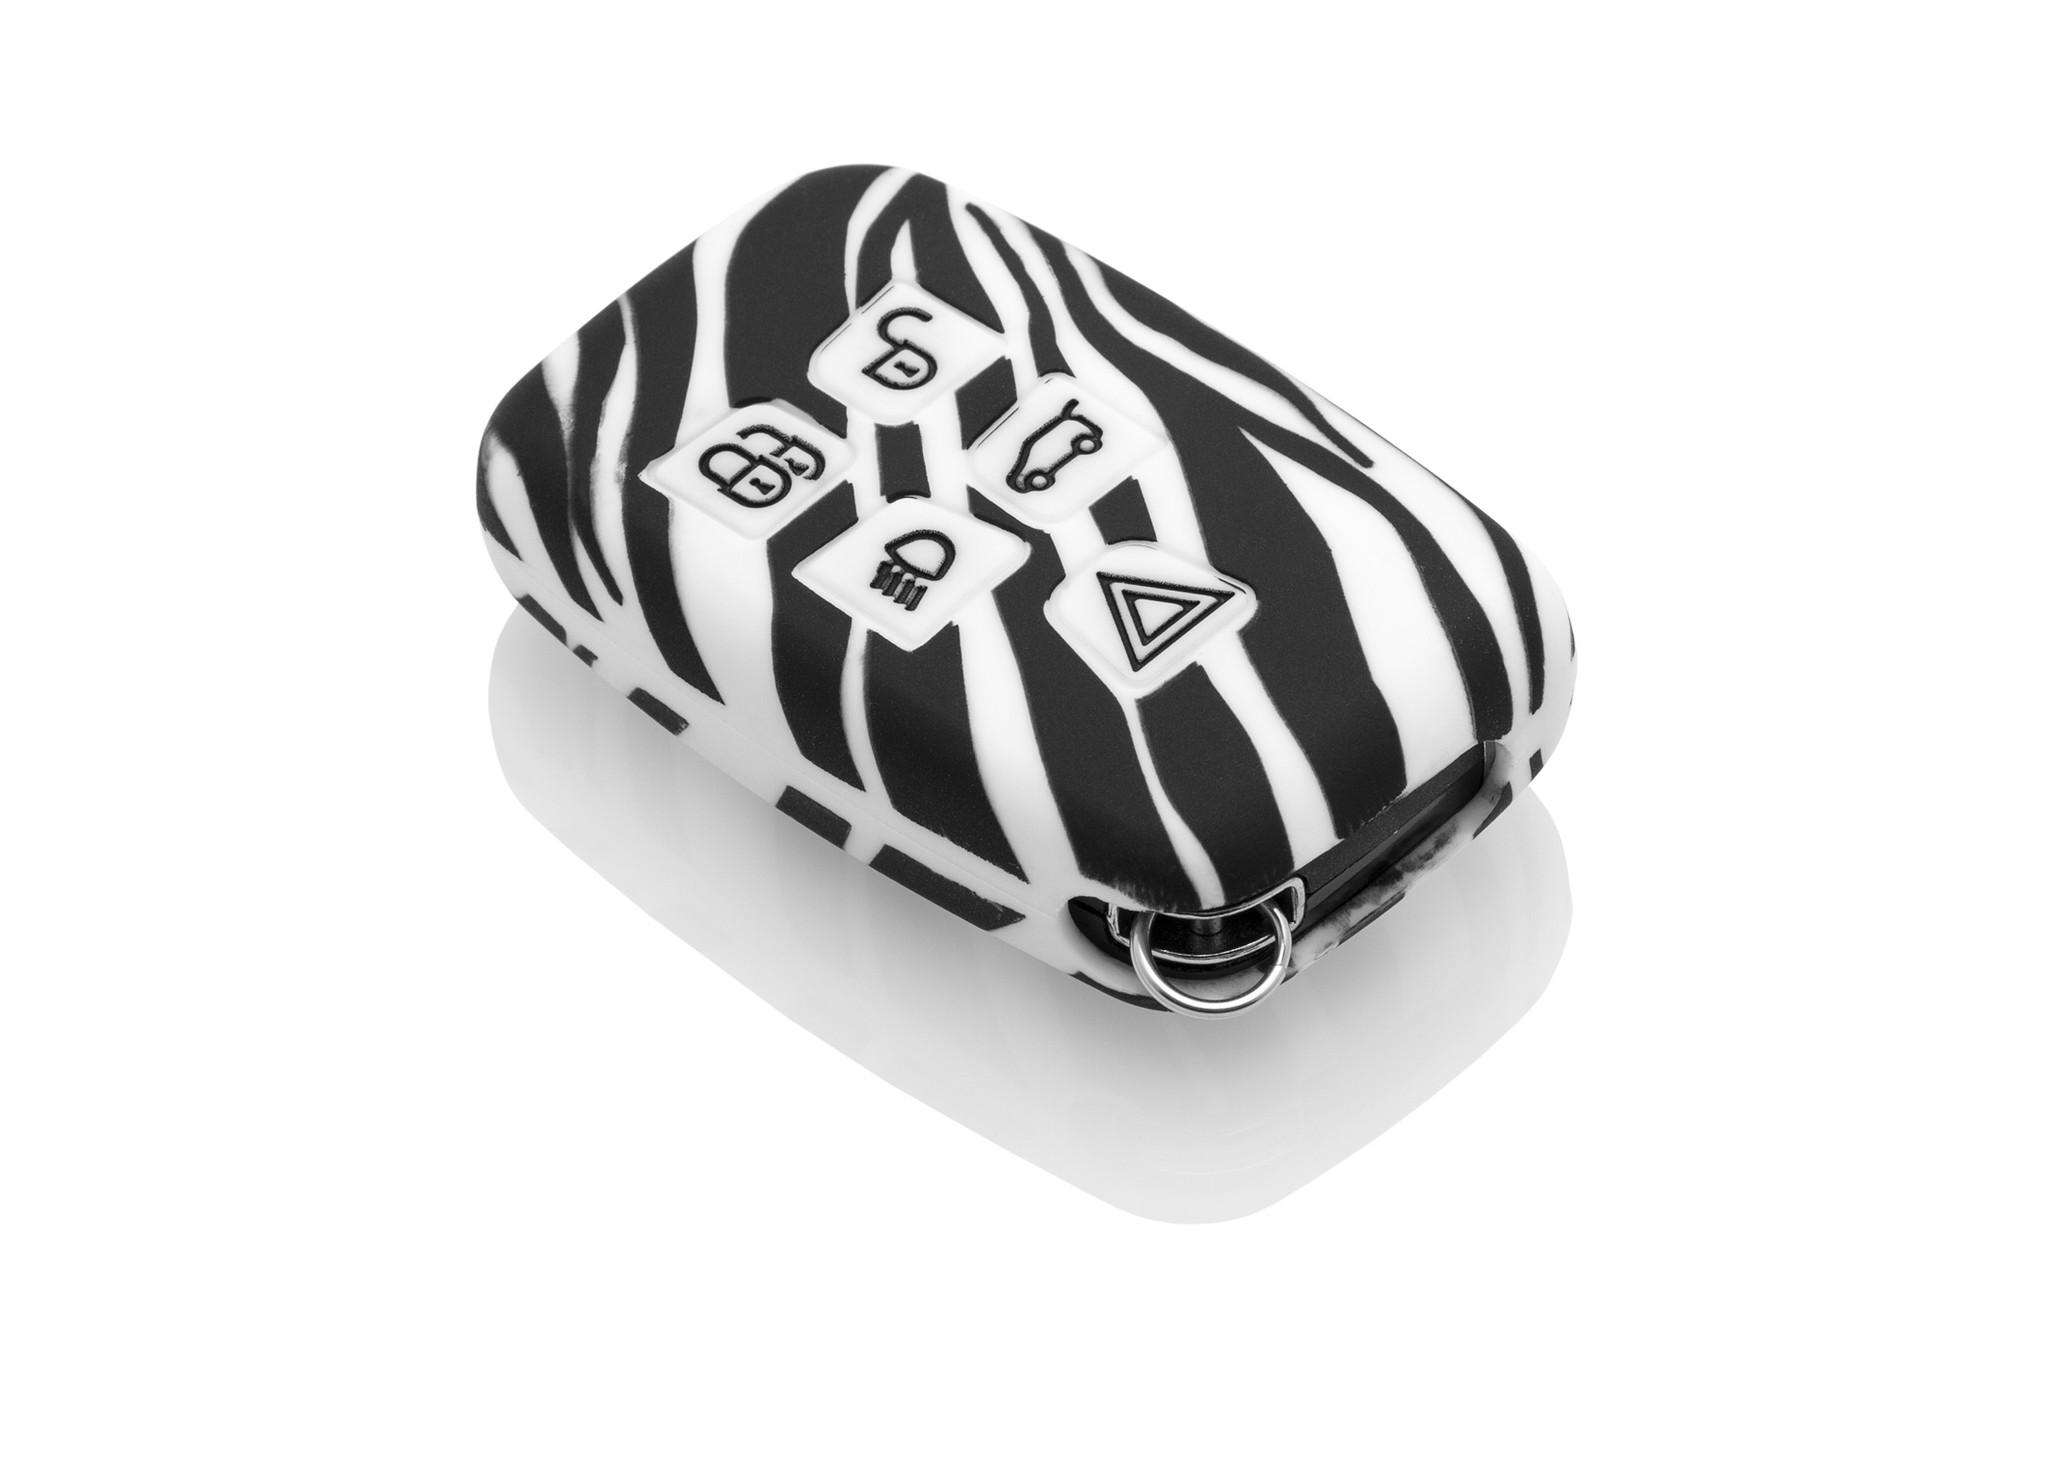 Range Rover Car key cover - Zebra